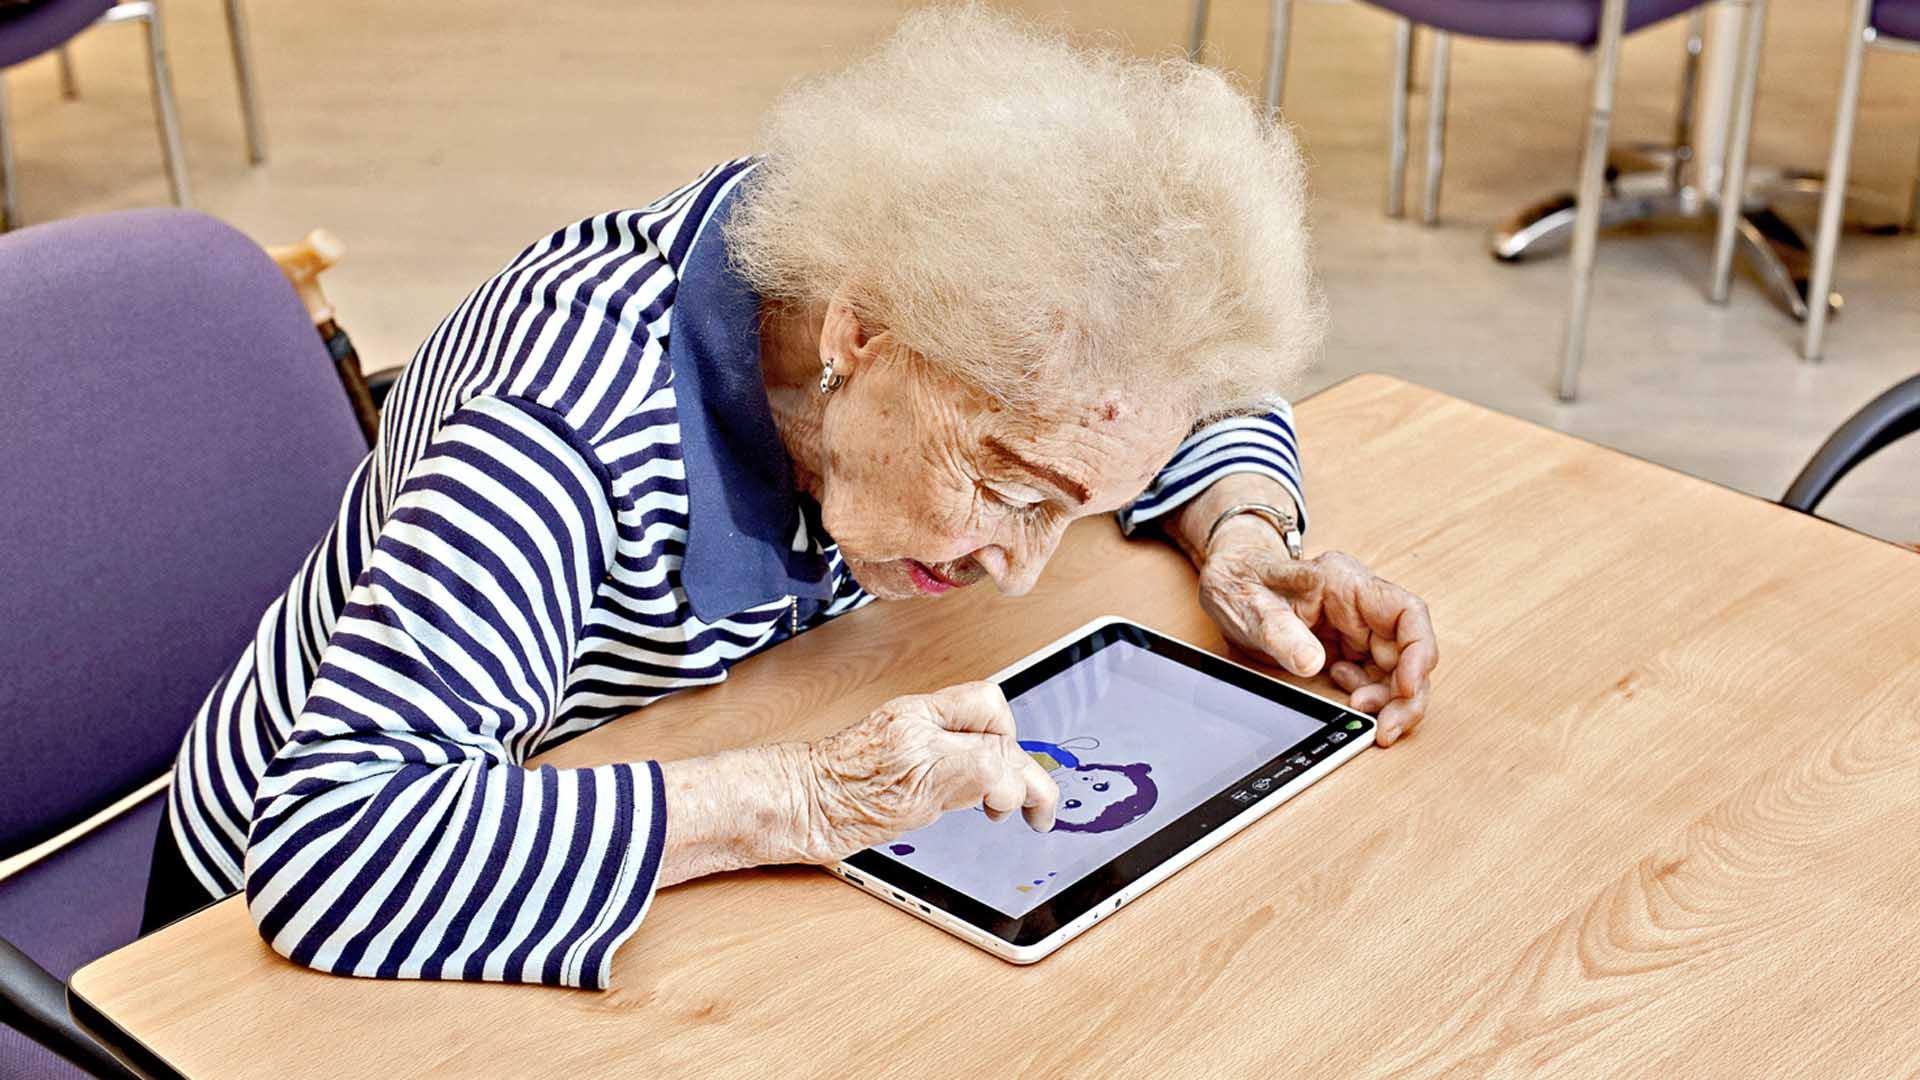 Los videojuegos pueden ayudar a mejorar las capacidades cognitivas de los adultos mayores